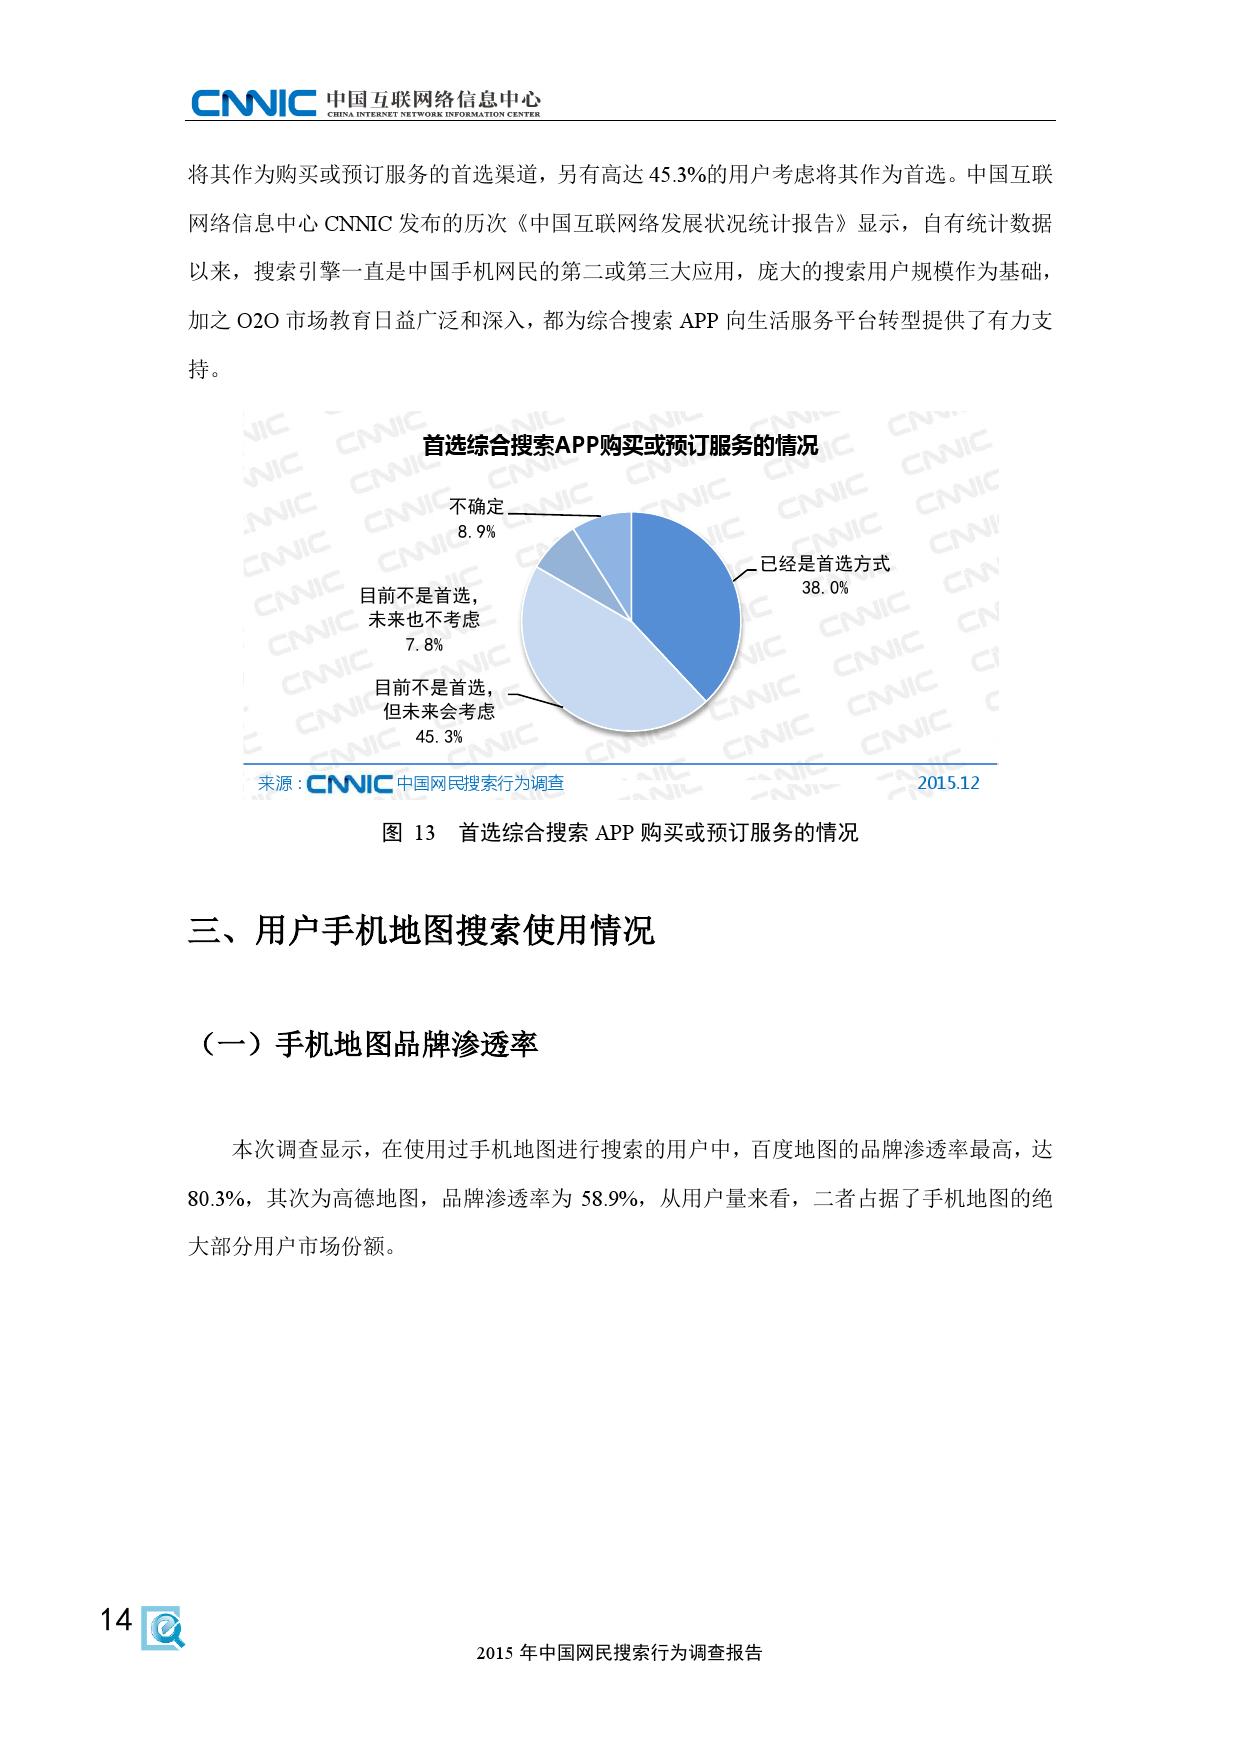 CNNIC:2015年中国网民搜索行为调查_000022